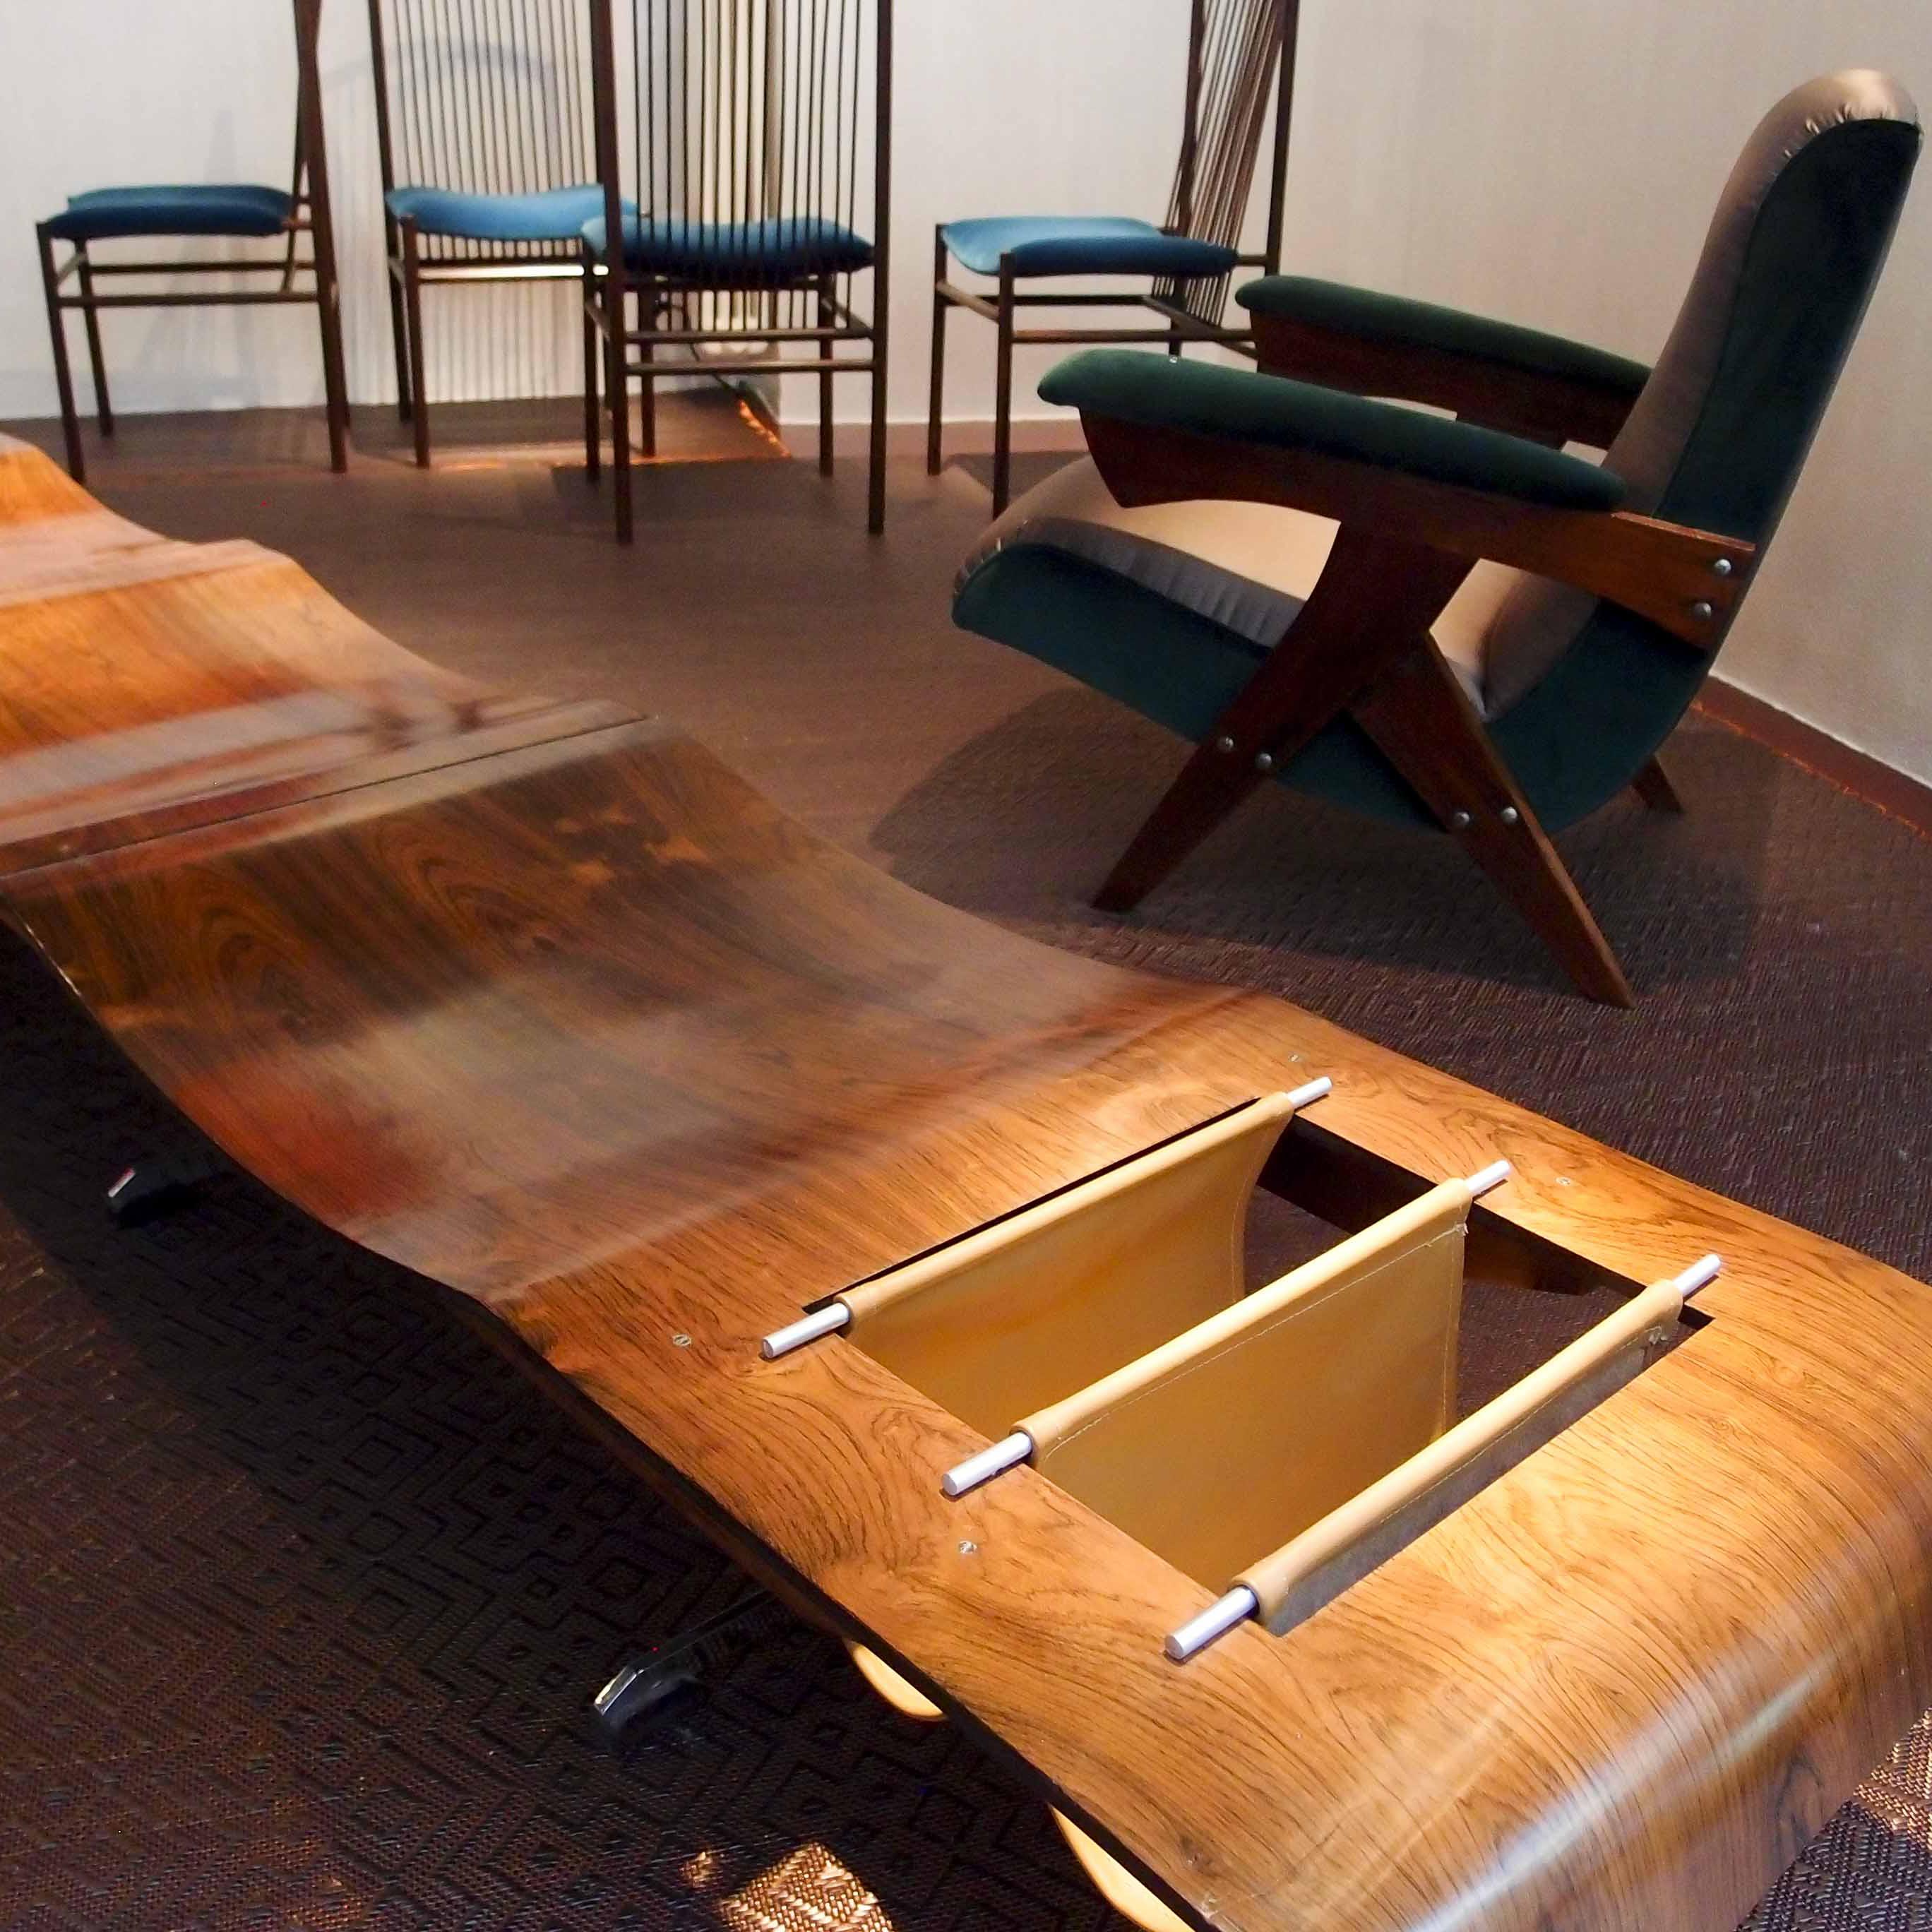 Nilufar, Brazilian Design in via della Spiga 32